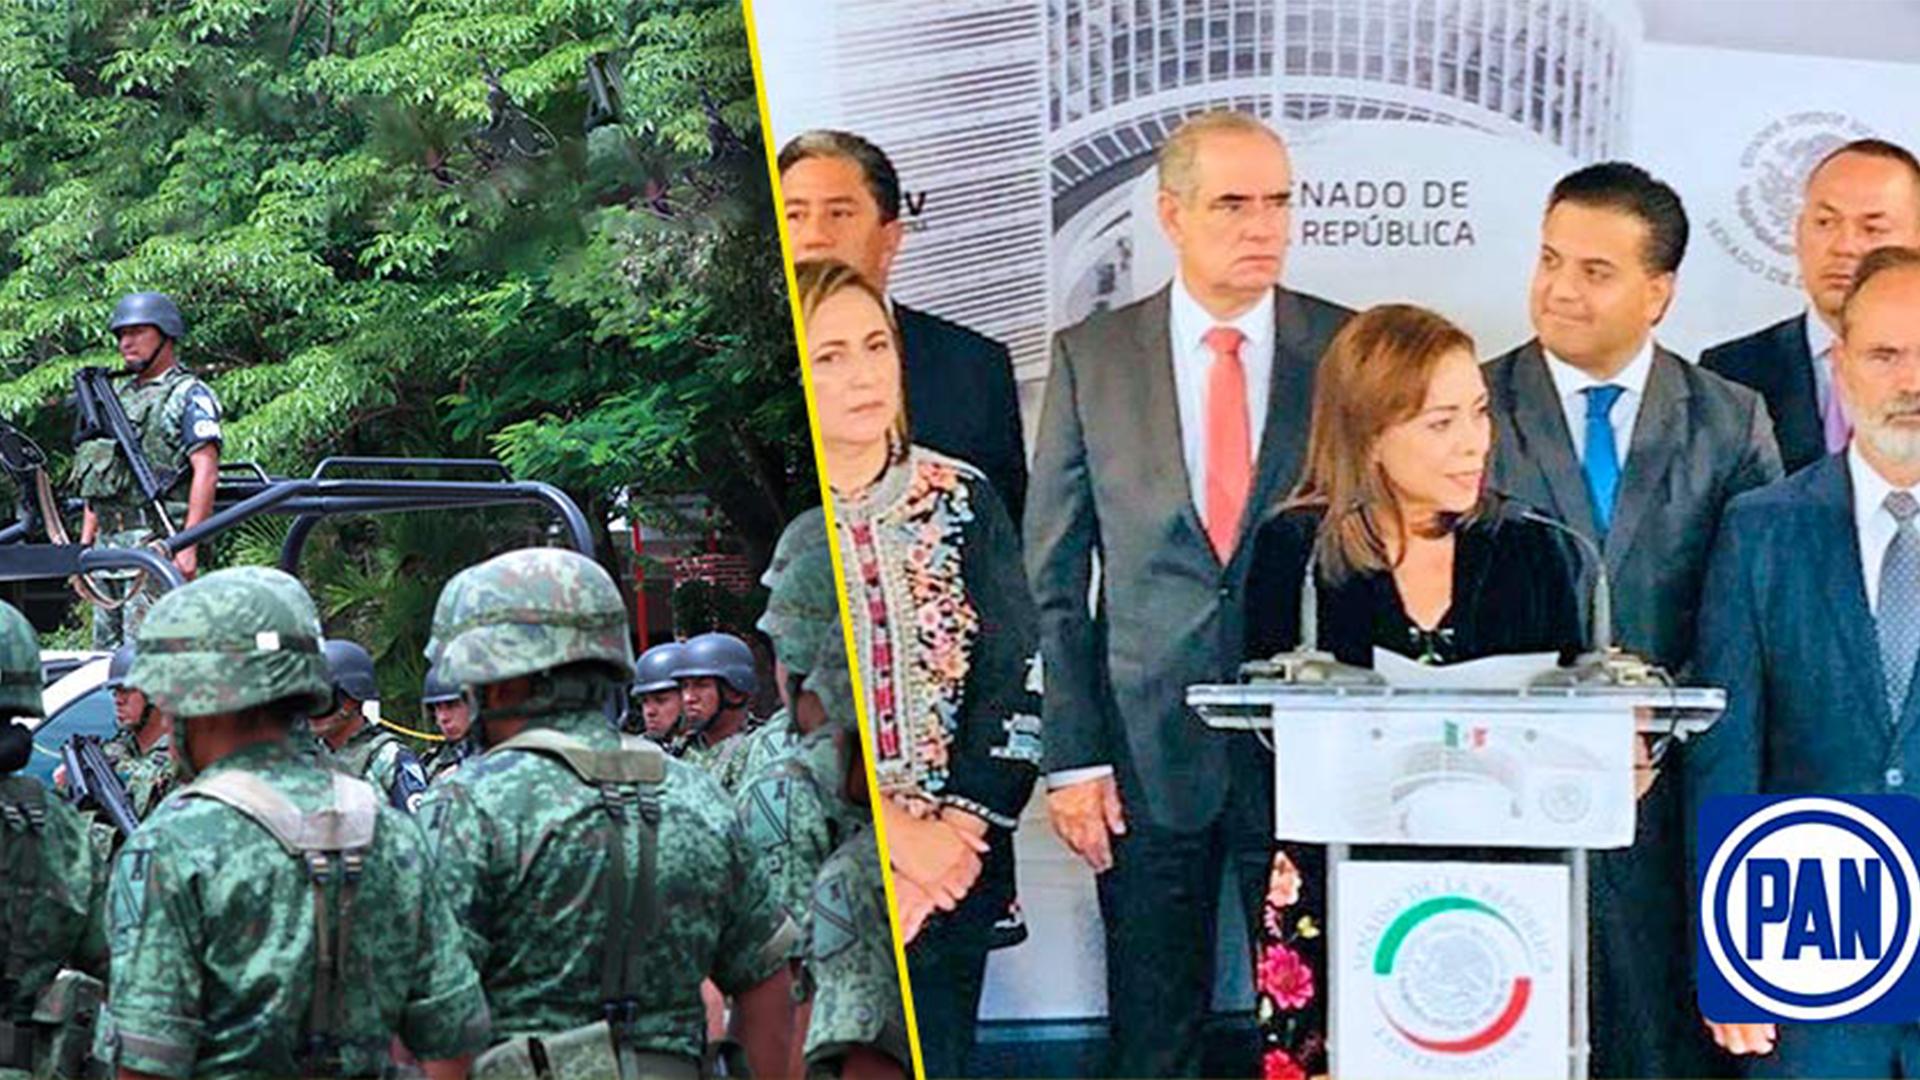 El PAN exige investigación profunda al Ejército, tras detención del General Cienfuegos